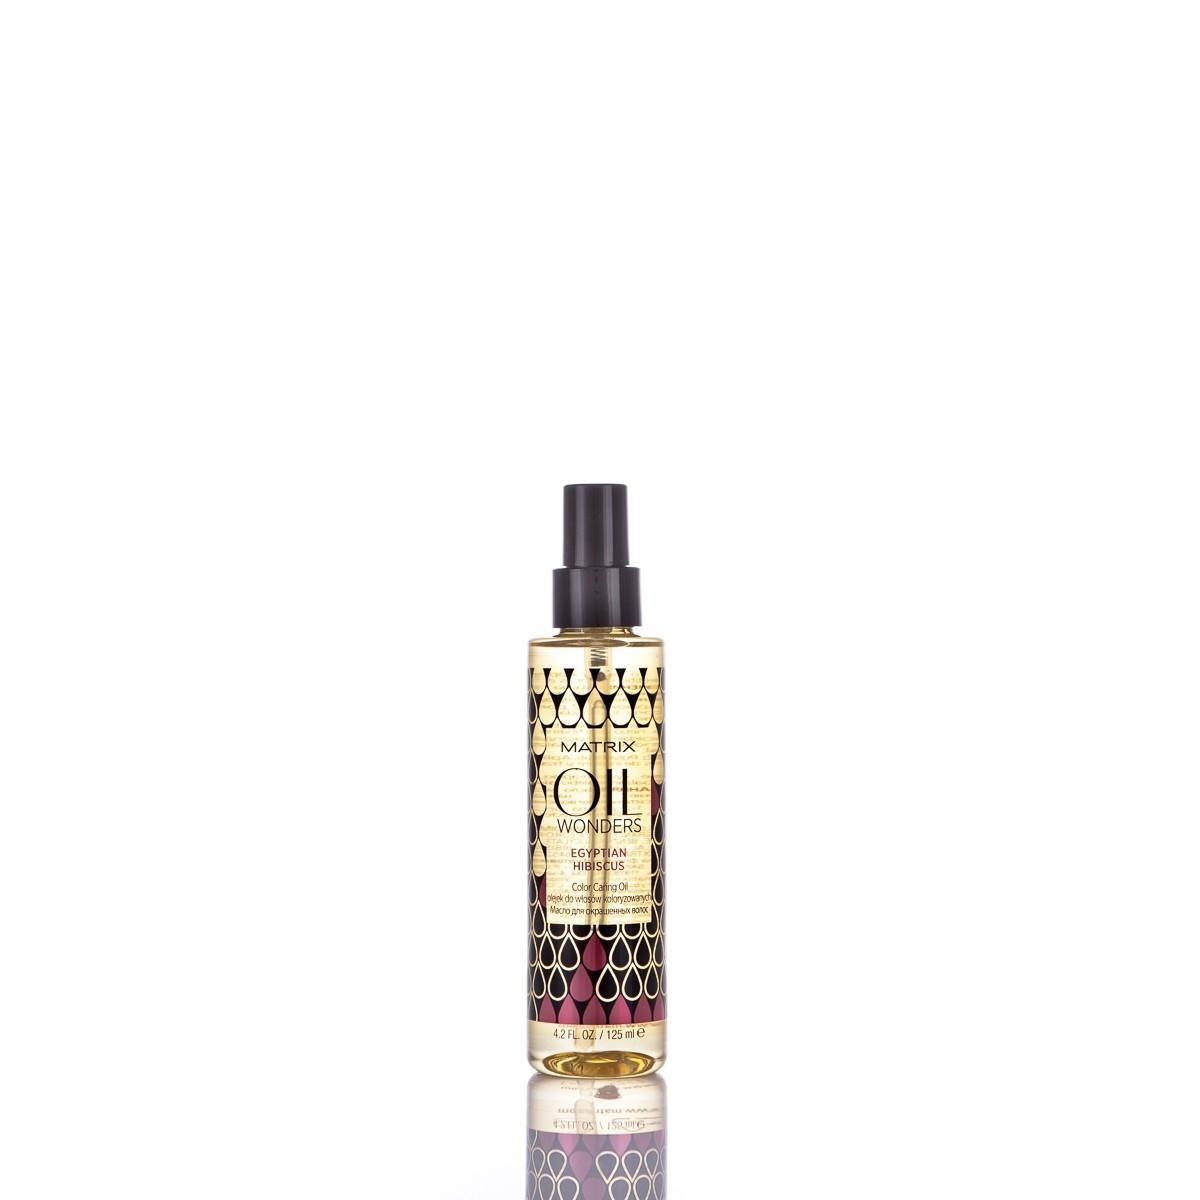 MATRIX Oil Wonders Egyptian Hibiscus Oil 125ml - Olejek do włosów koloryzowanych